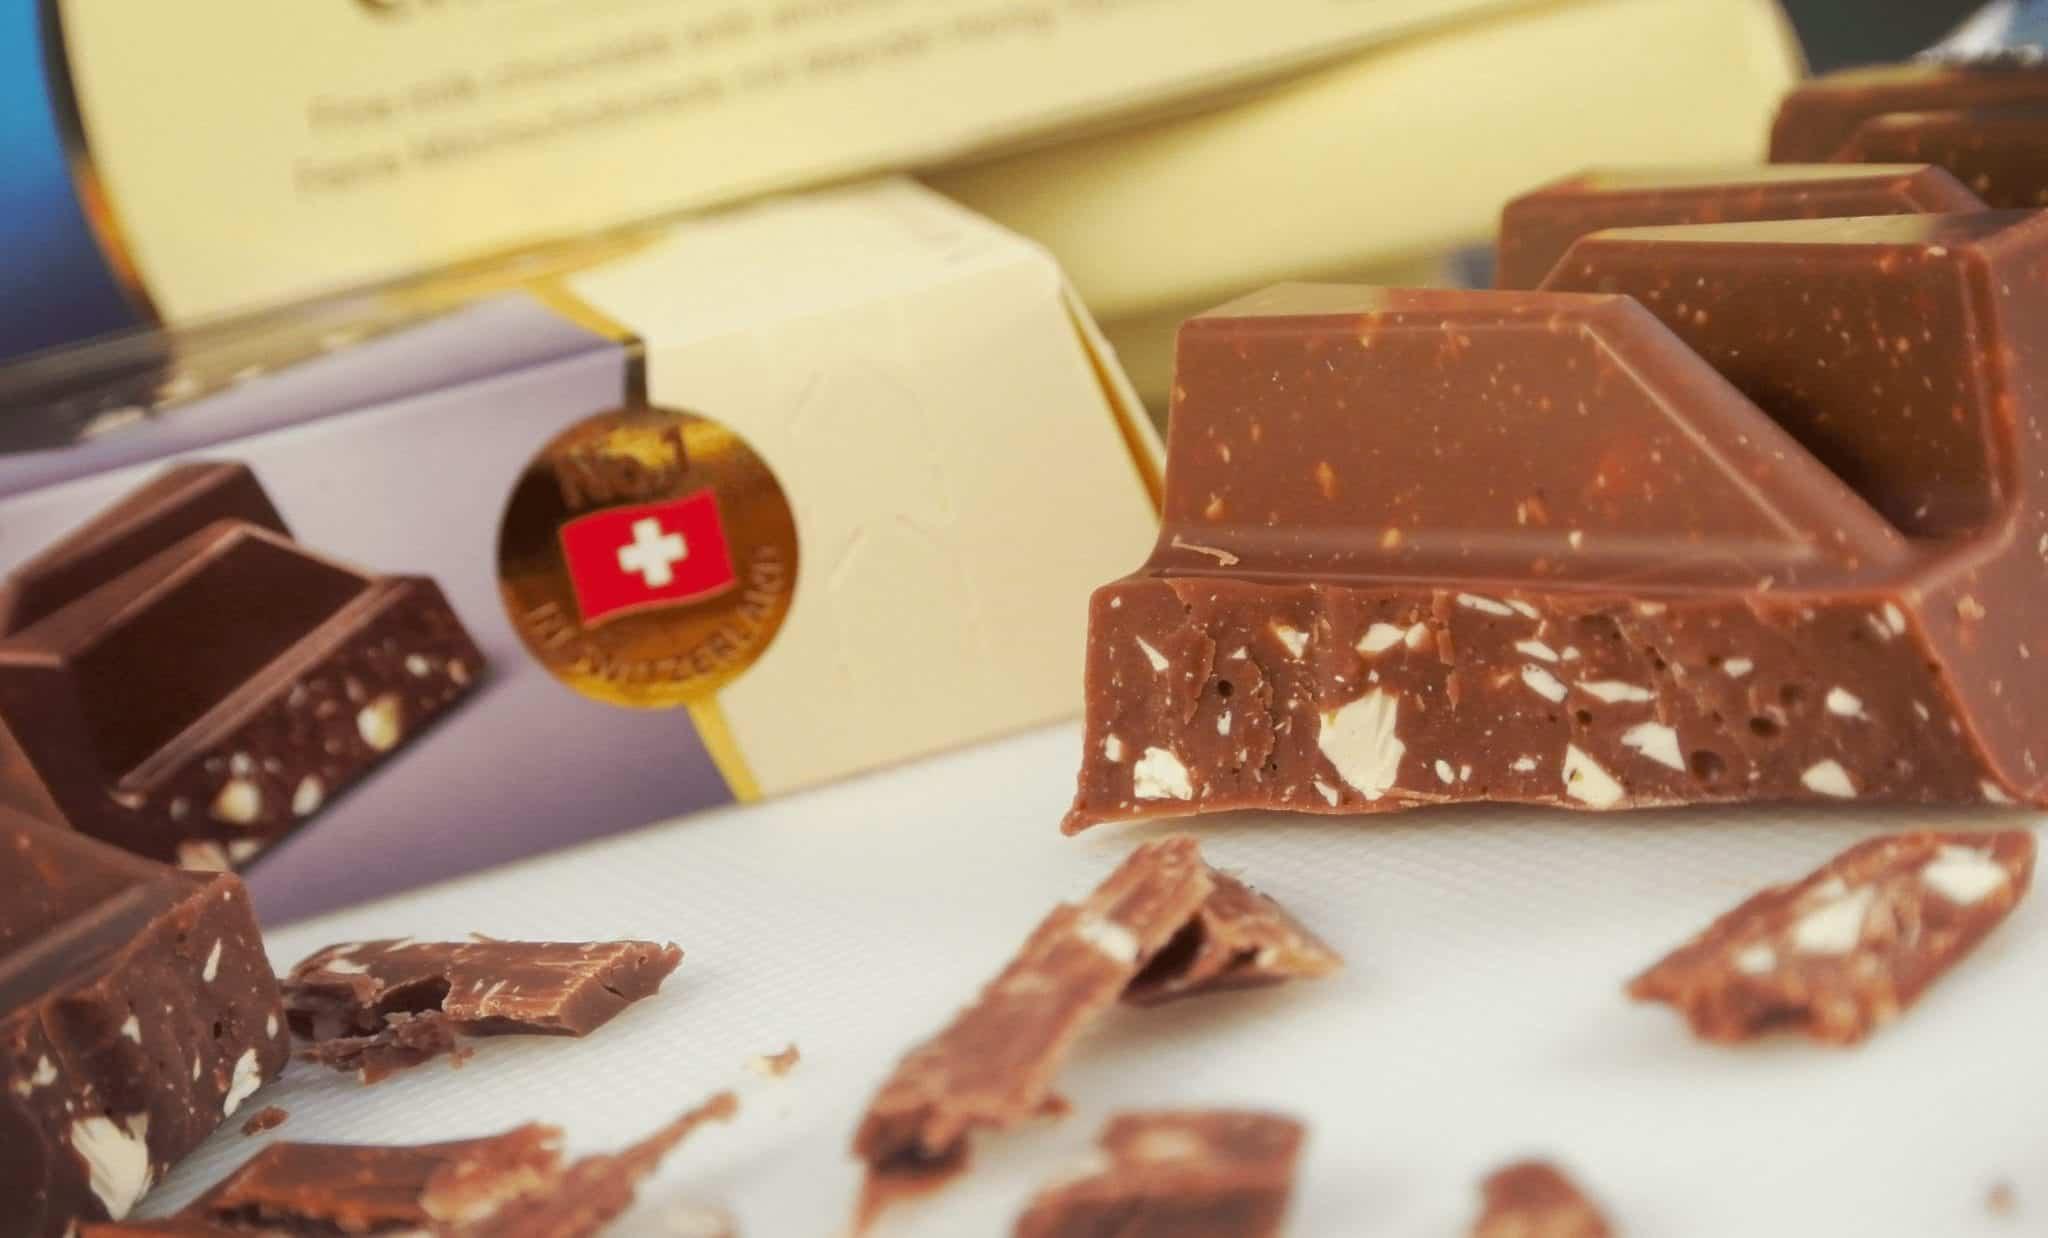 افضل شوكولاته سويسريه فاخره بالرياض